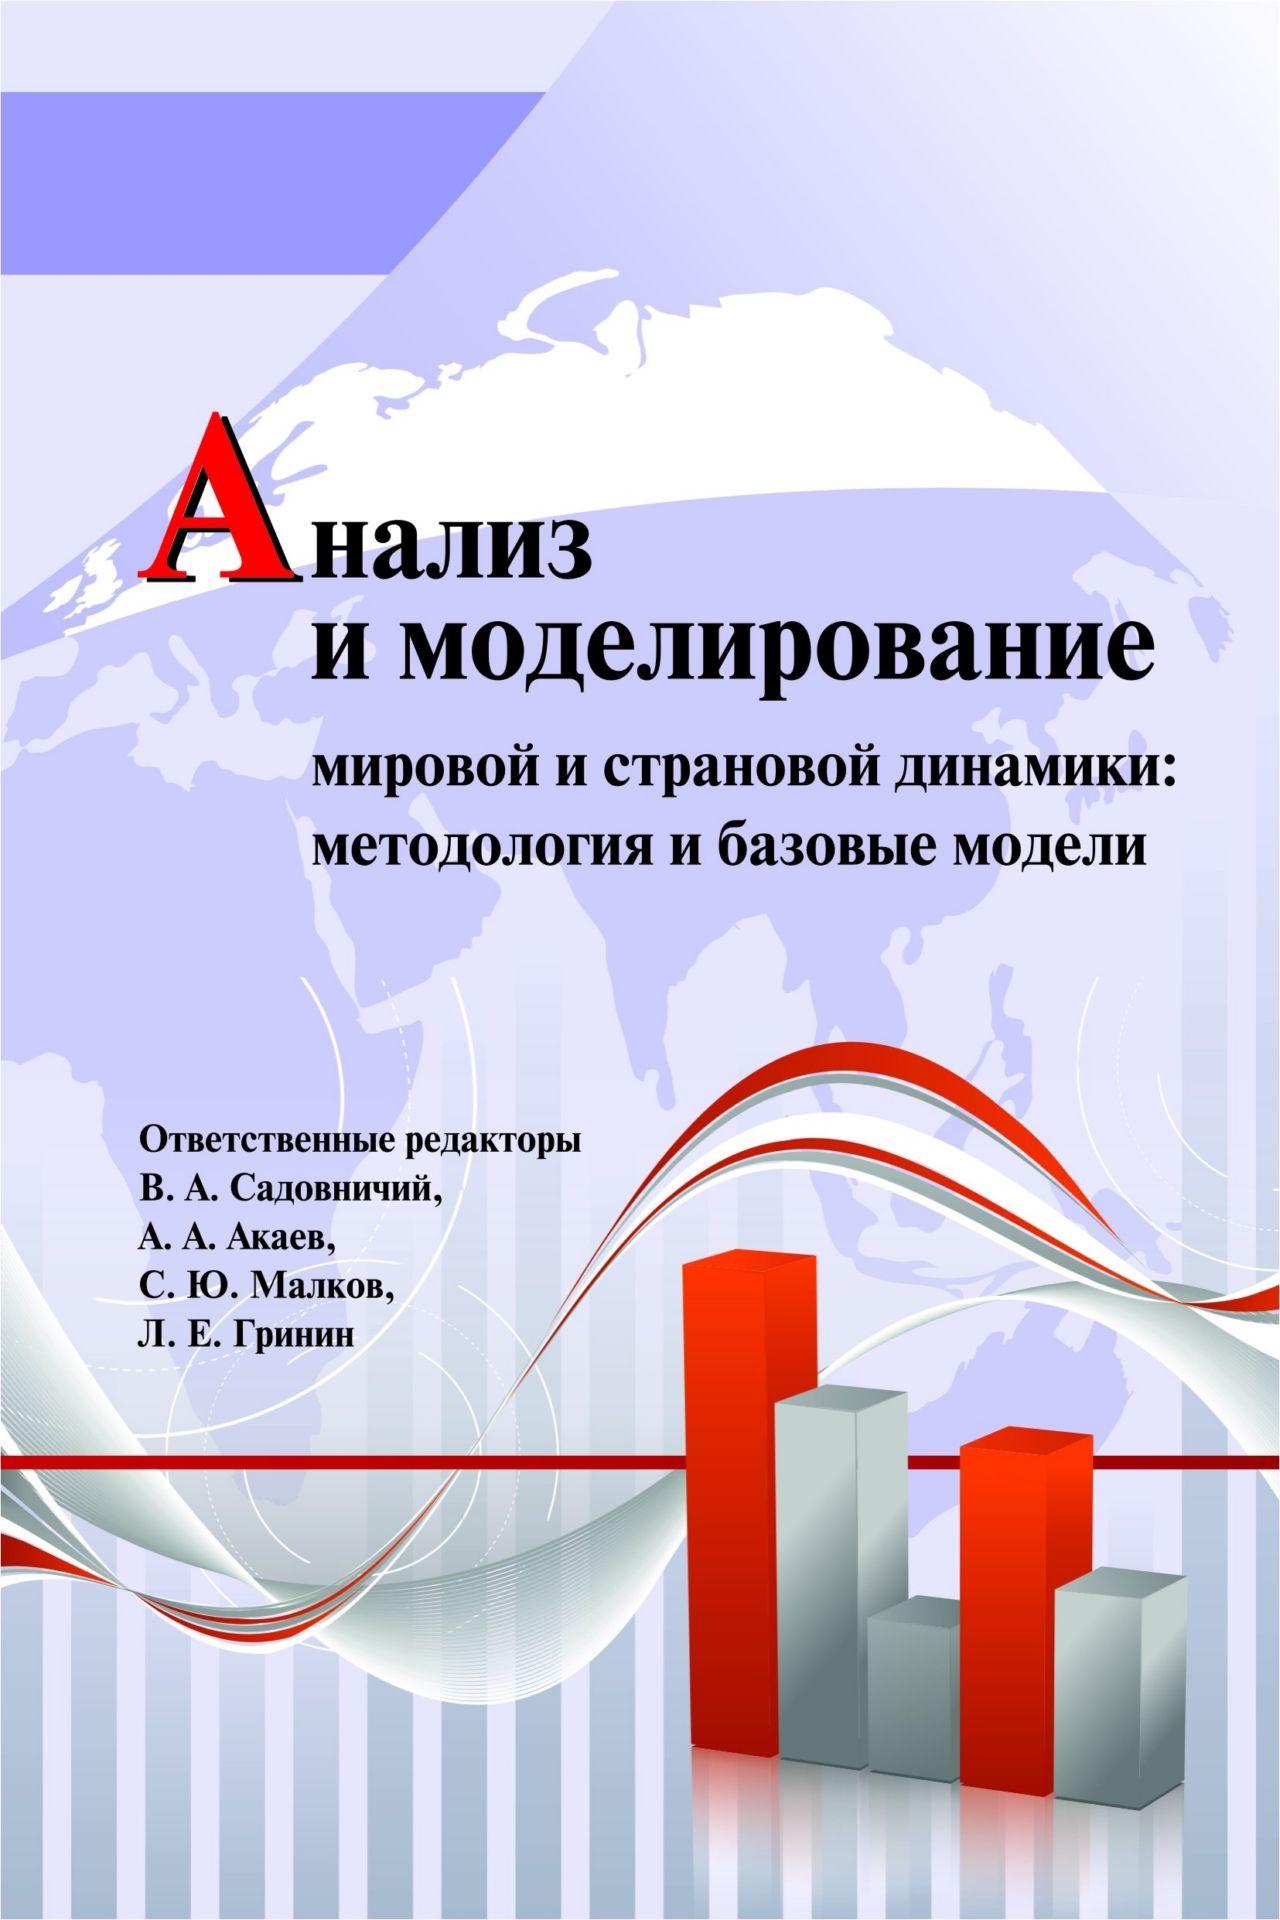 Анализ и моделирование мировой и страновой динамики: методология и базовые моделиВУЗ<br>.<br><br>Авторы: Гринин Л. Е., Акаев А.А., Малков С.Ю., Садовничий В.А.<br>Год: 2015<br>Серия: Для студентов и преподавателей<br>ISBN: 978-5-7057-4460-2<br>Высота: 210<br>Ширина: 140<br>Толщина: 12<br>Переплёт: мягкая, склейка